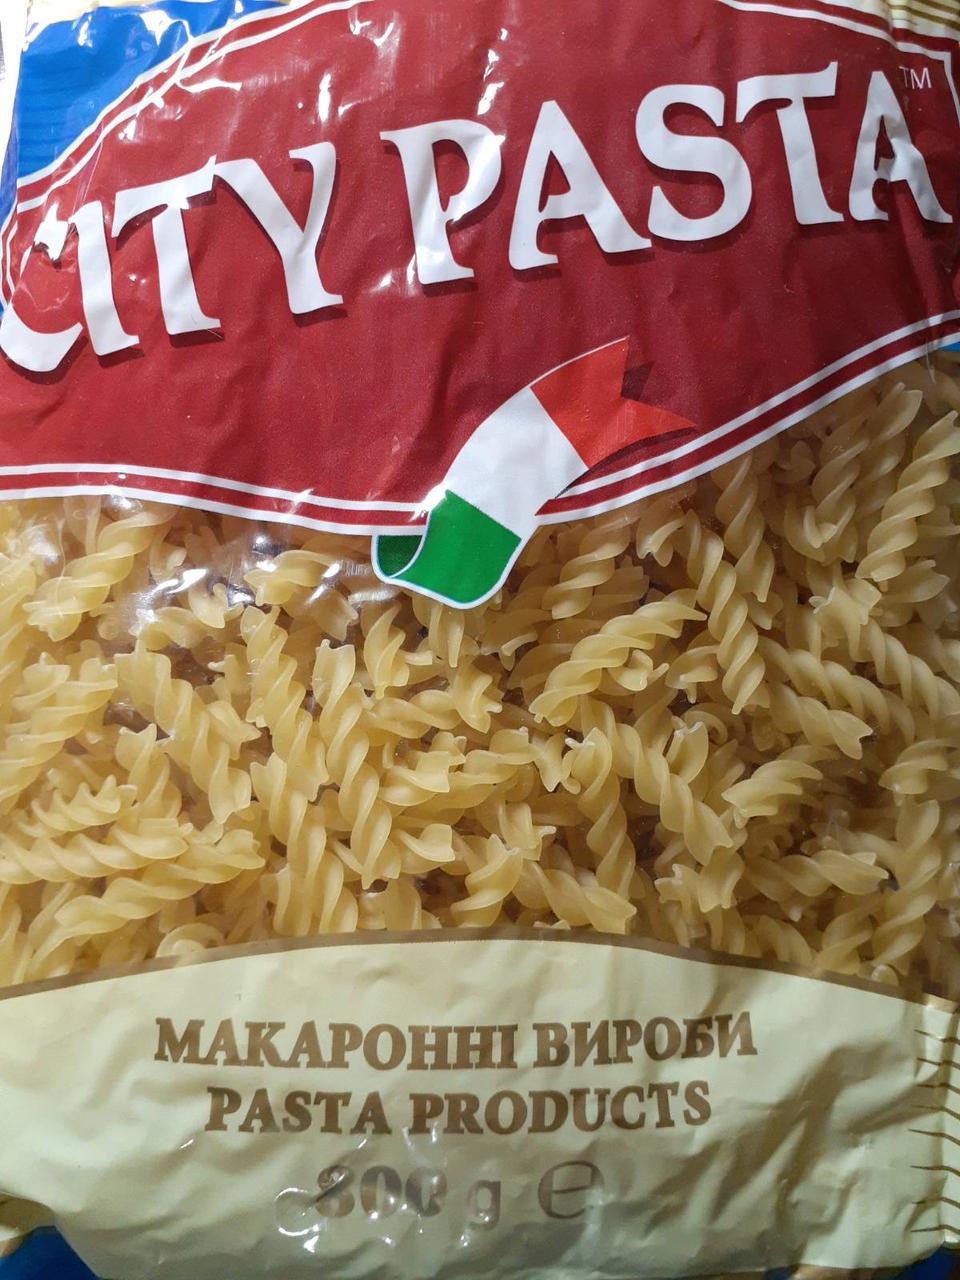 Спиральки City Pasta с твёрдых сортов 800 грамм